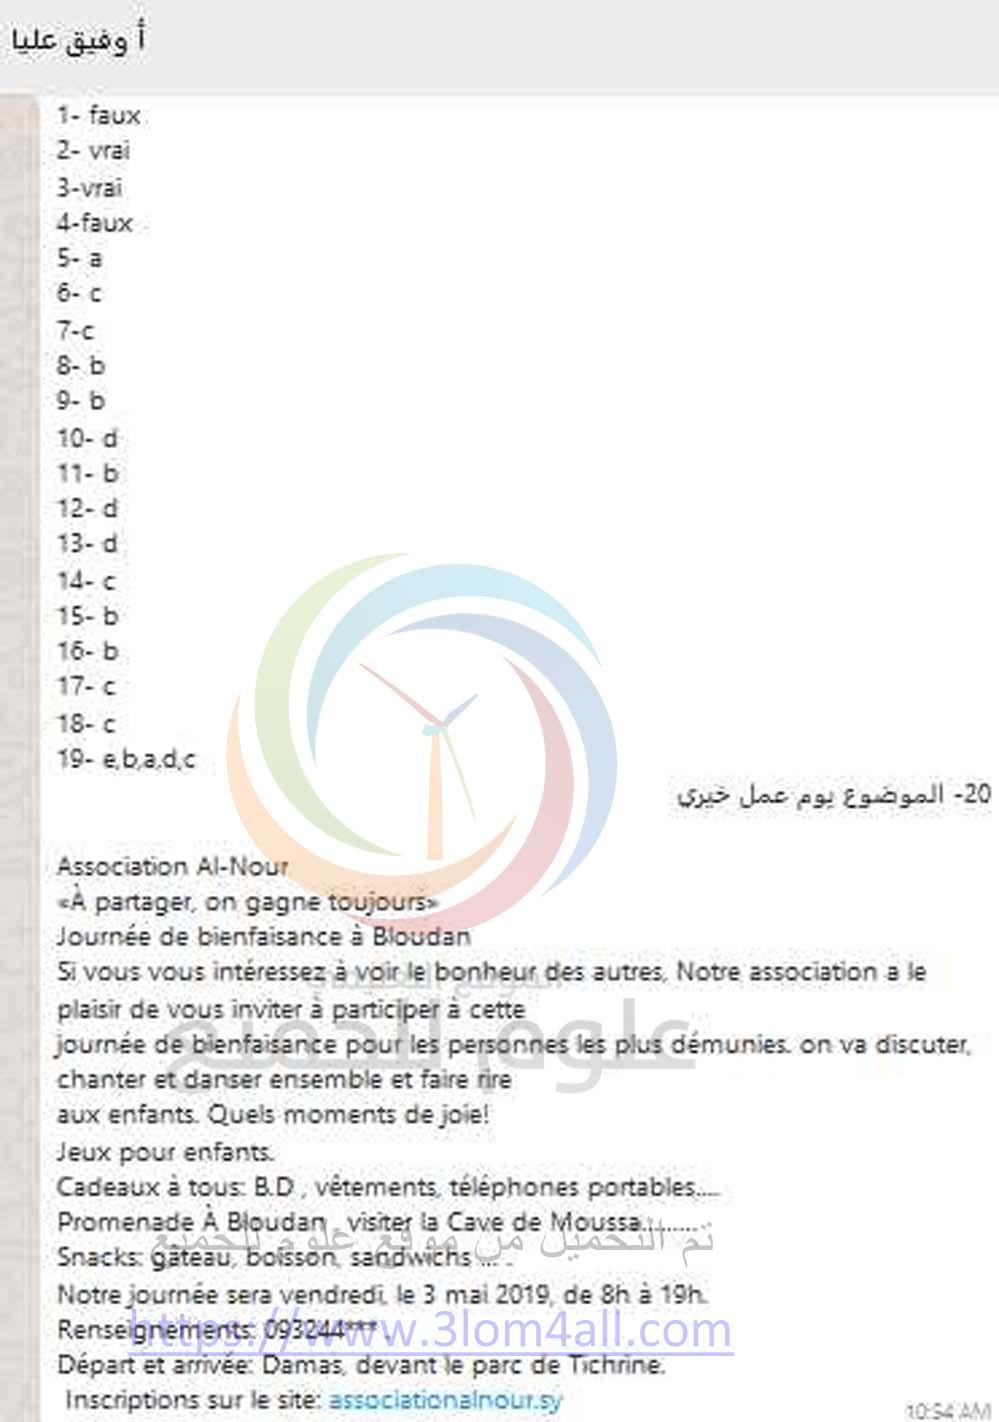 اسئلة اللغة الفرنسية للصف التاسع دورة 2020 مع الحل - سوريا